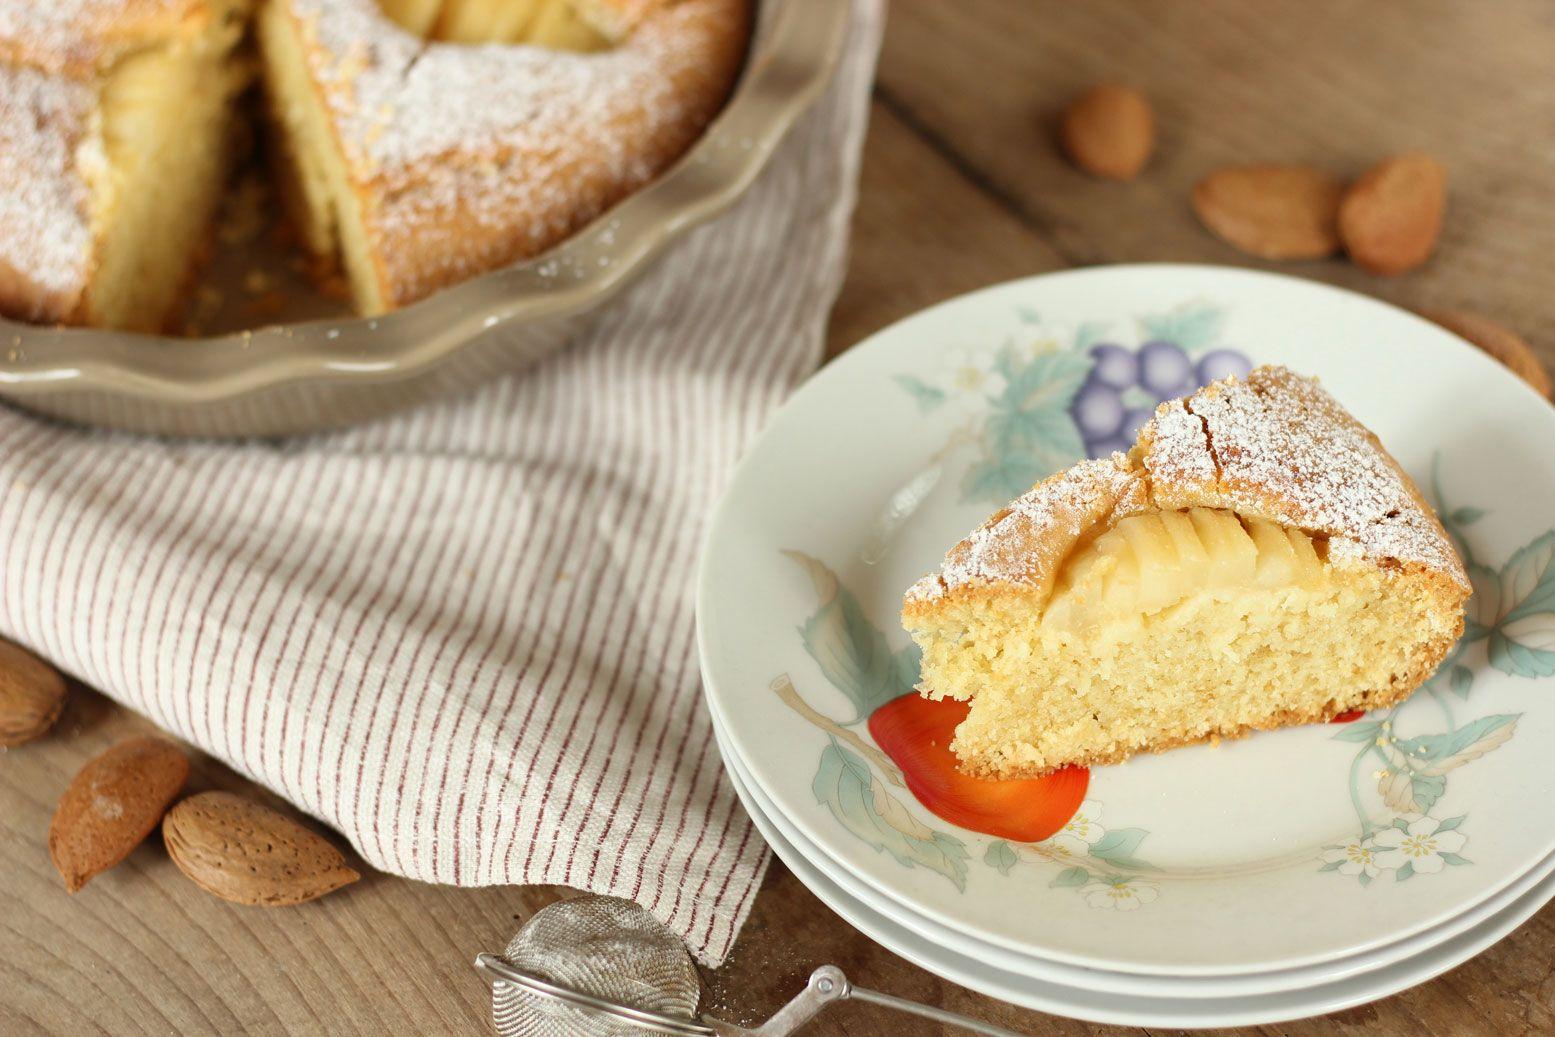 La ricetta della torta alle mandorle e pere